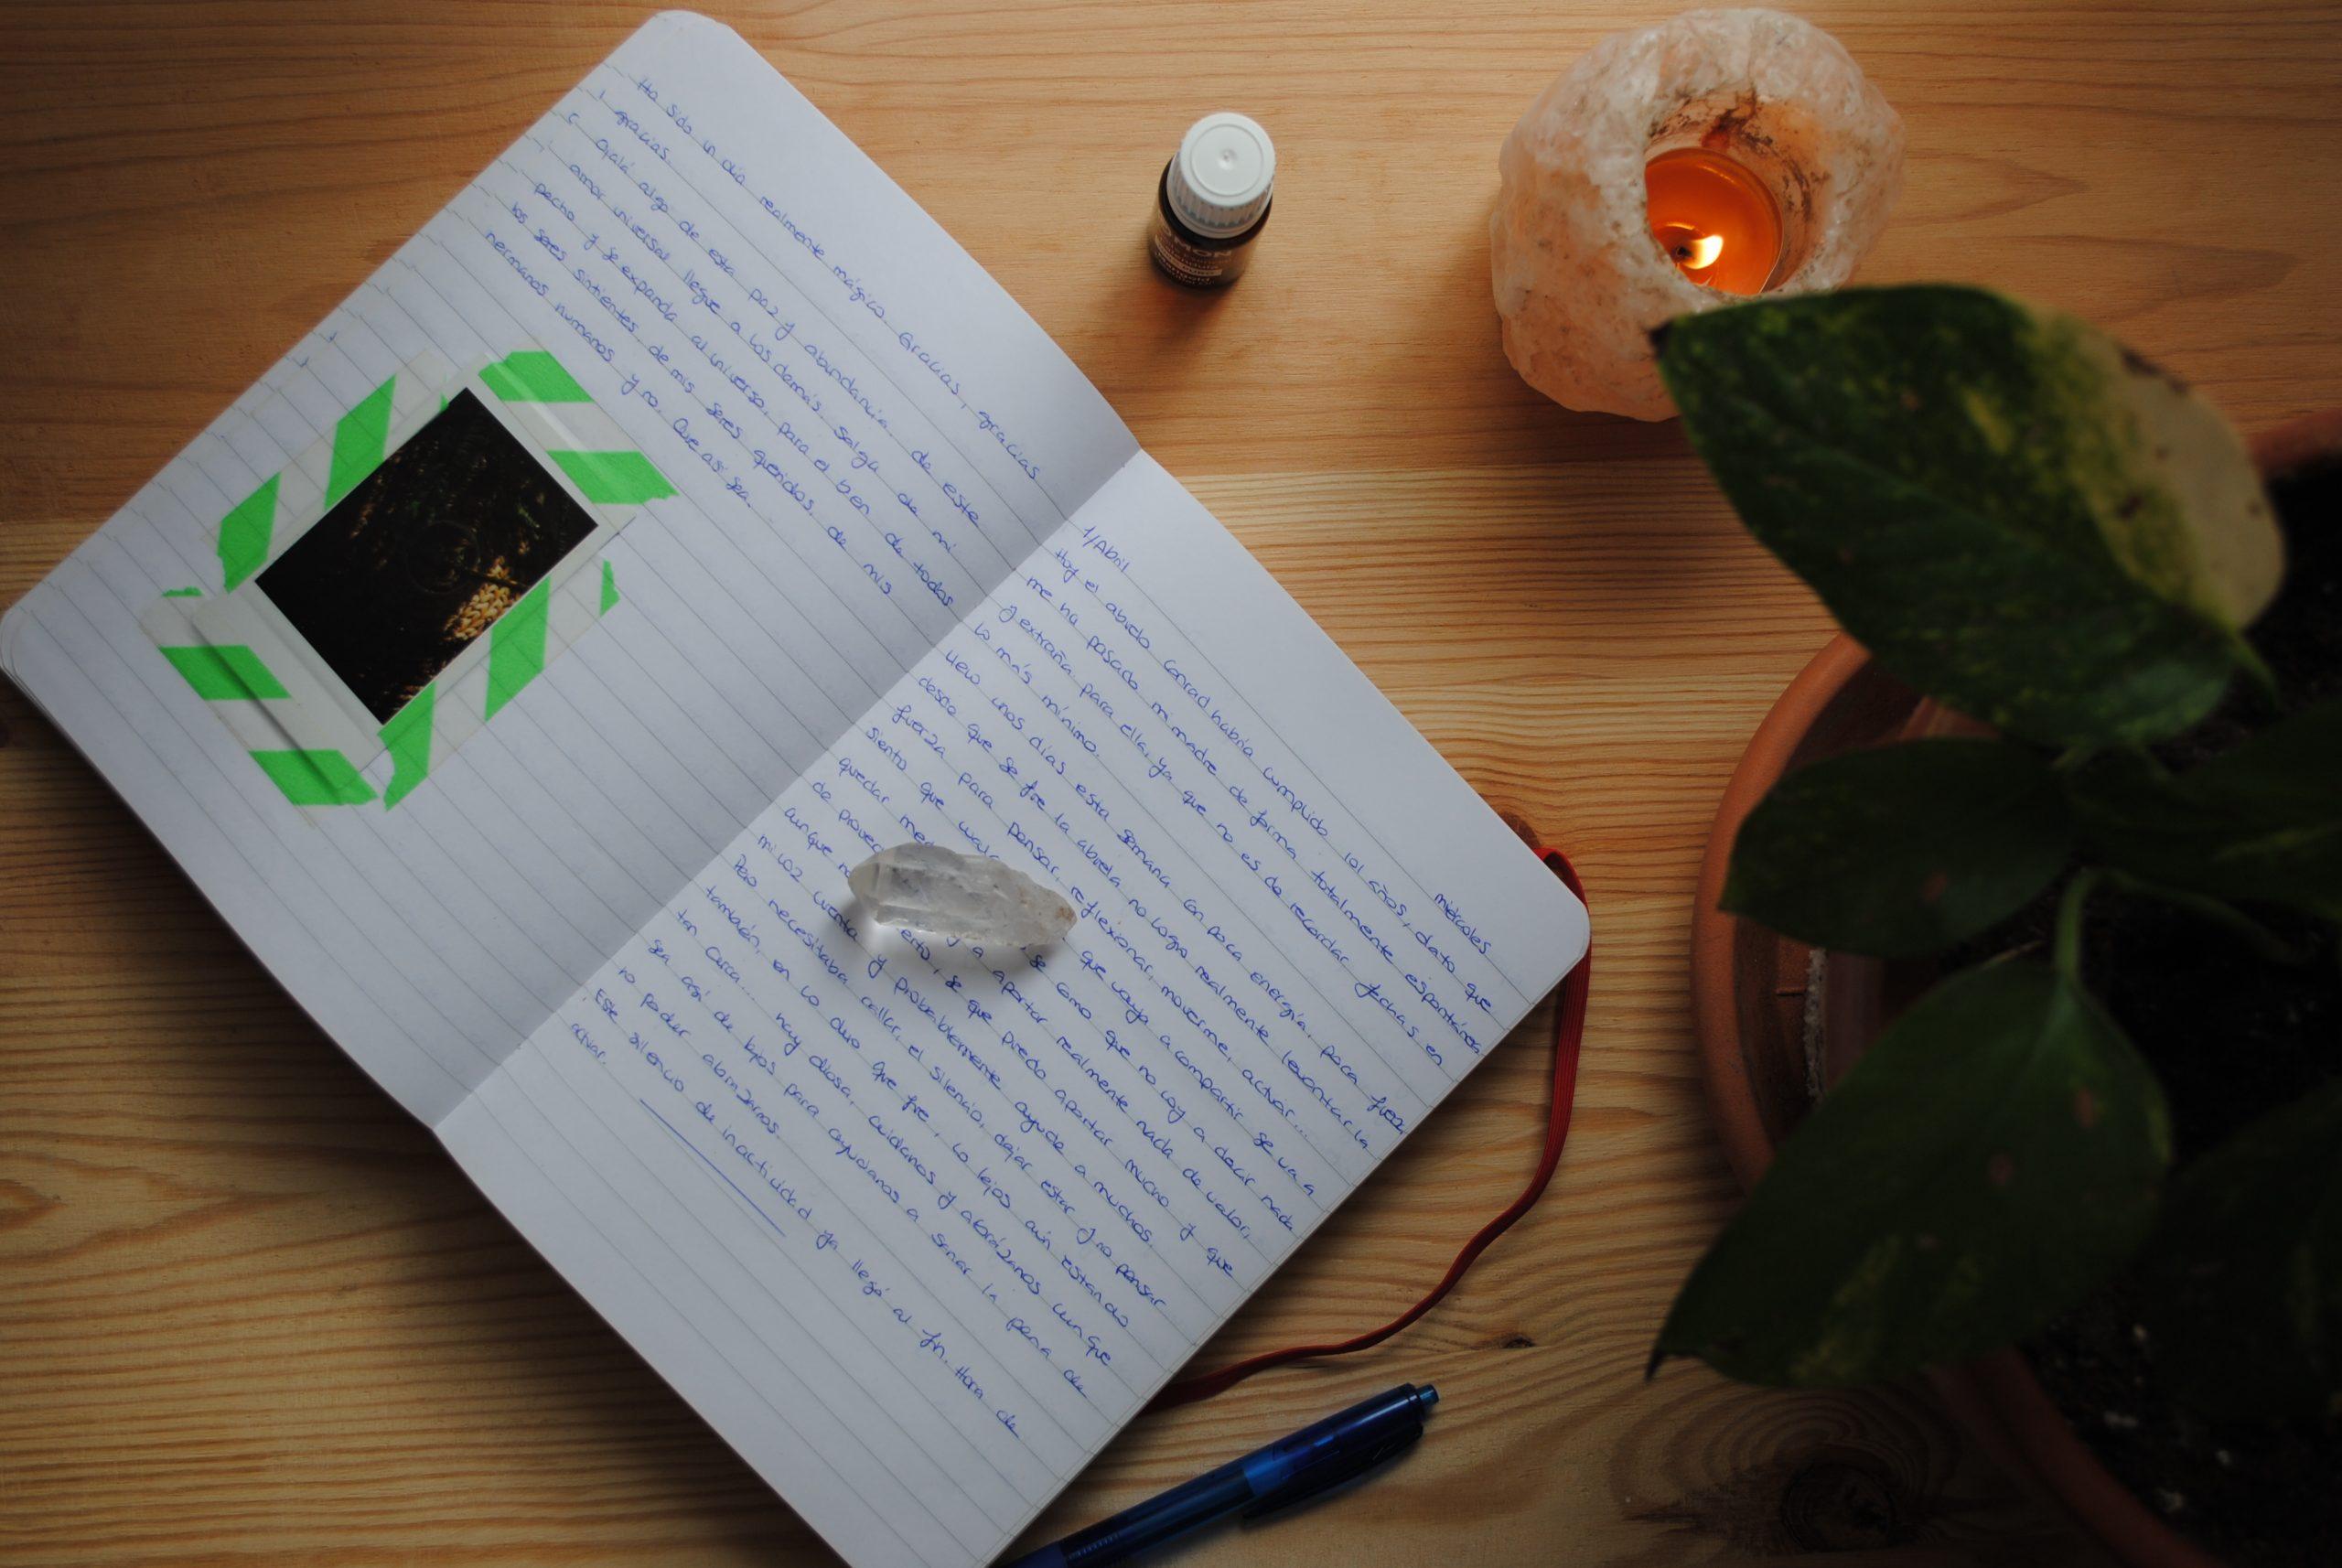 Libreta abierta de escritura terapáutica sobre mesa de madera. Punta de cuarzo, quemador de sal del himalaya con vela encendida, aceite esencial y planta